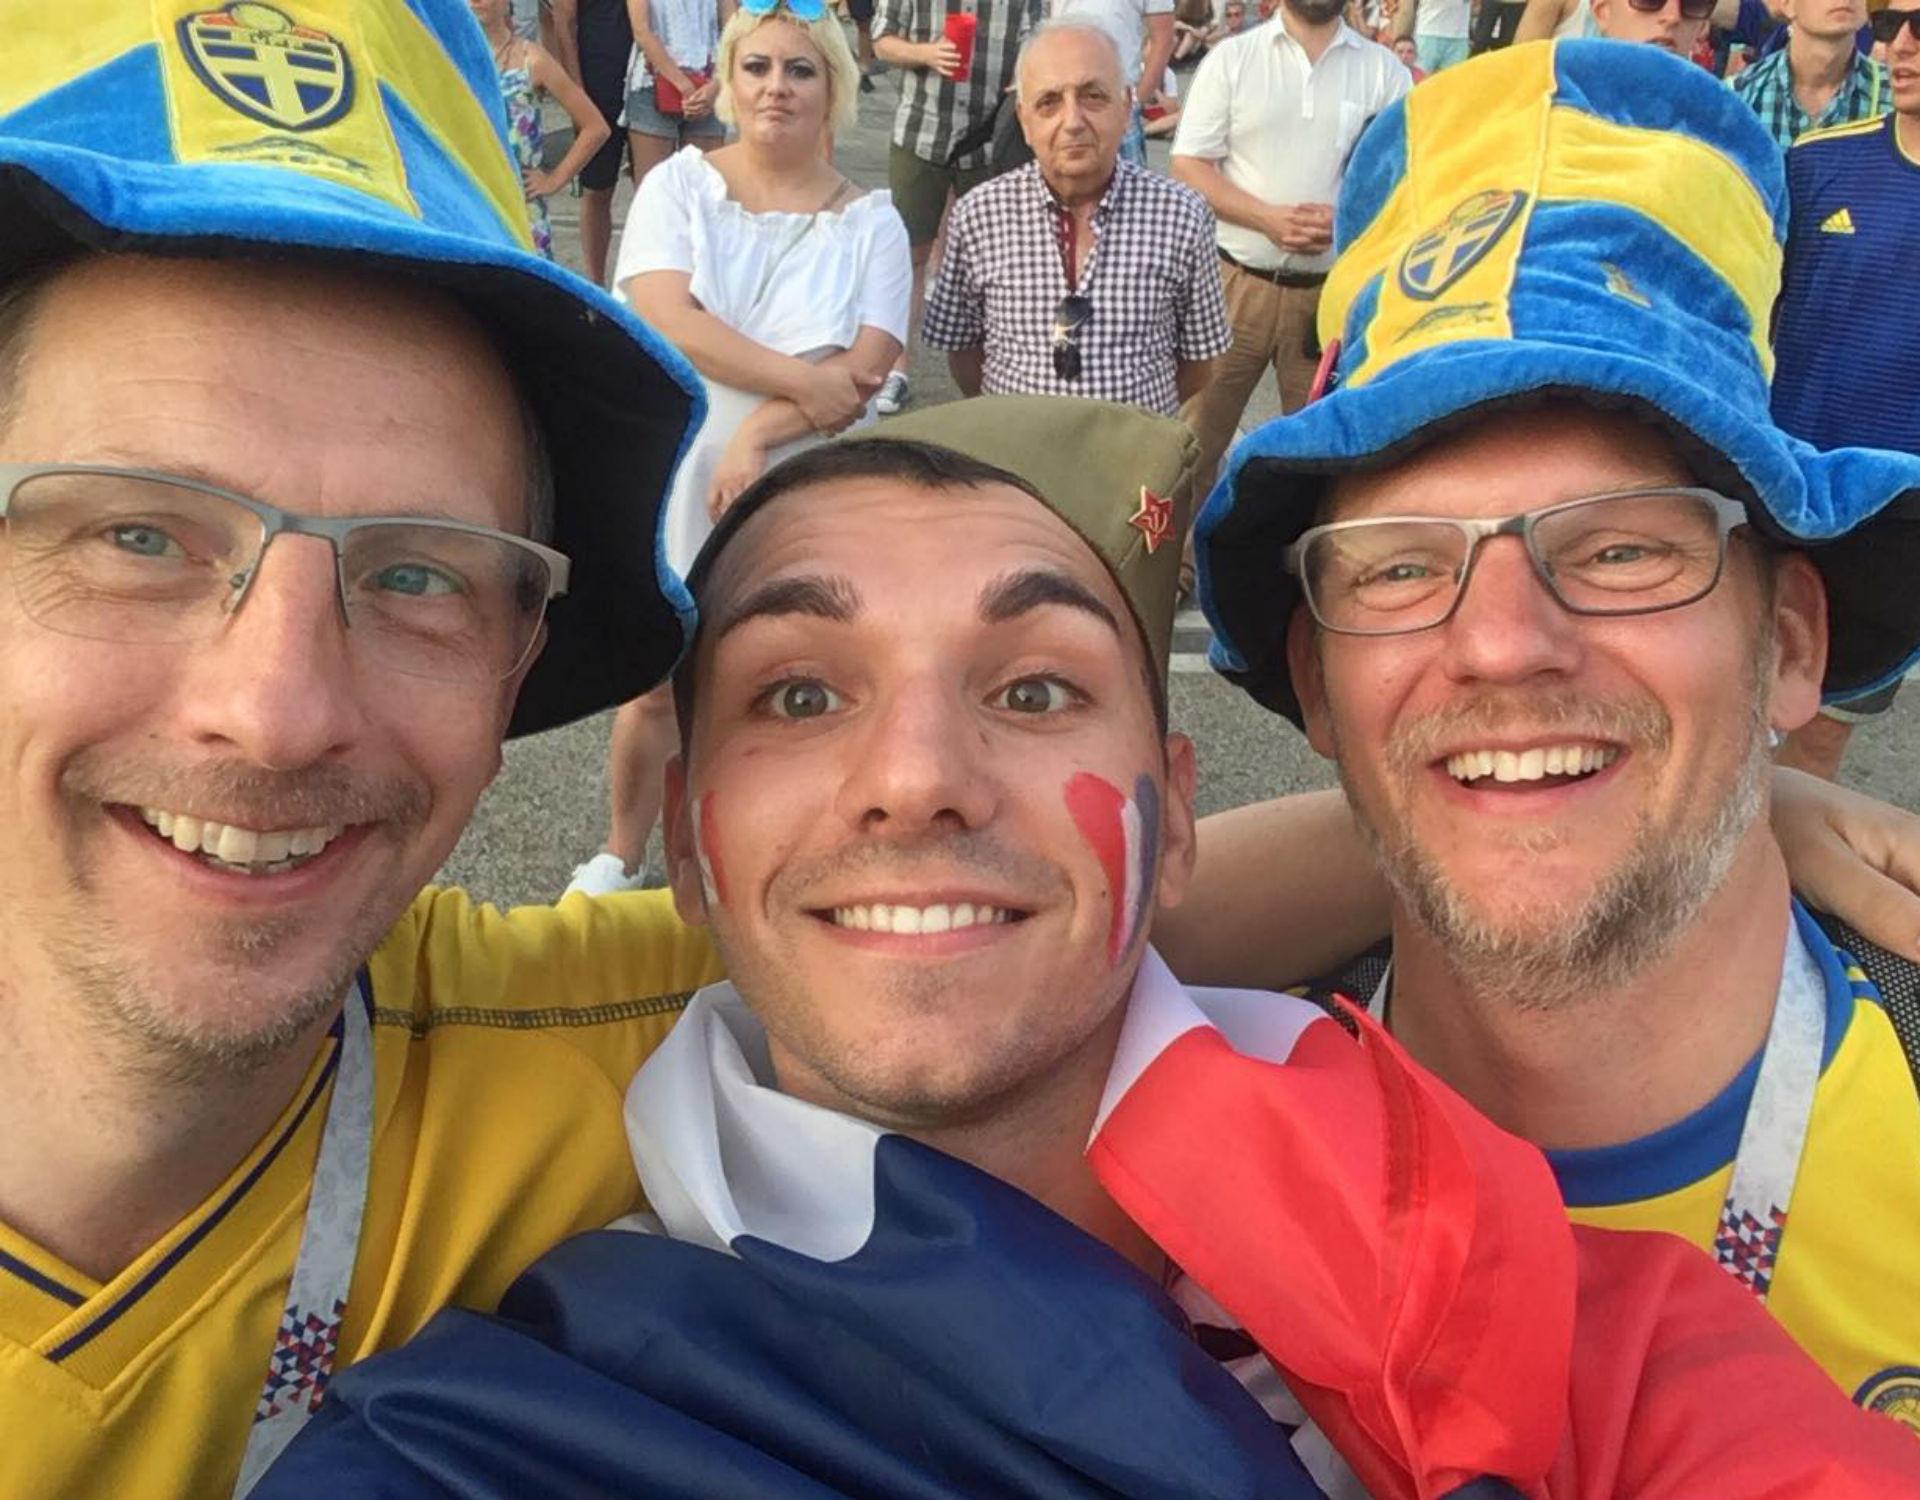 Ryan et des supporters suédois.